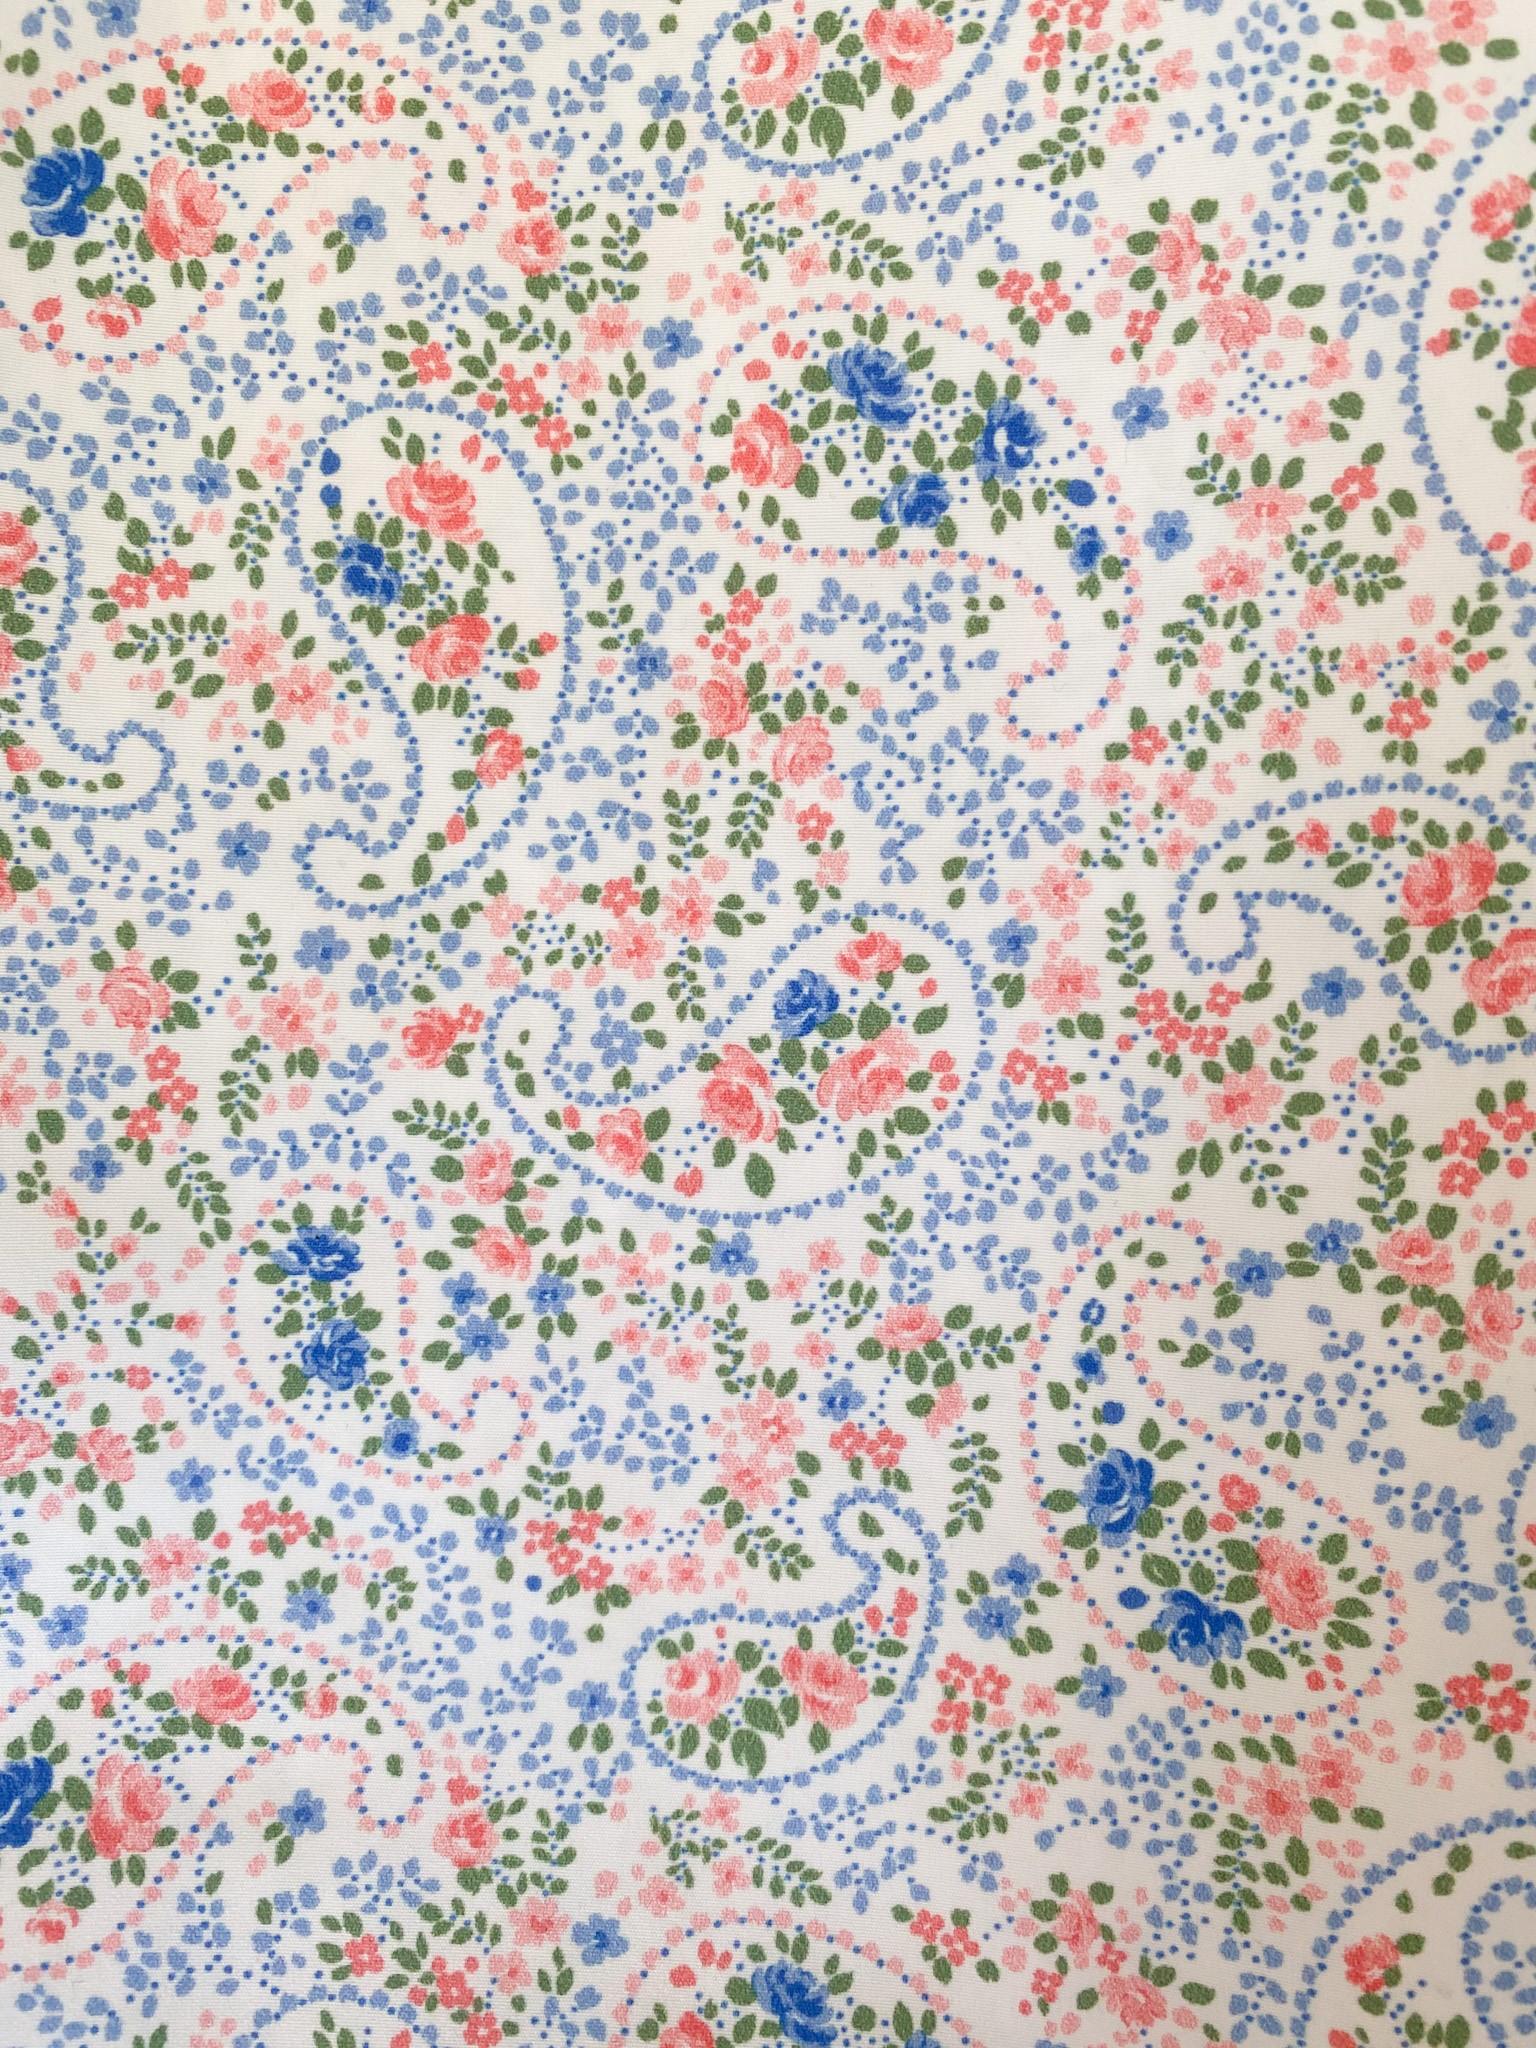 326 Cachemir azul flores salmón